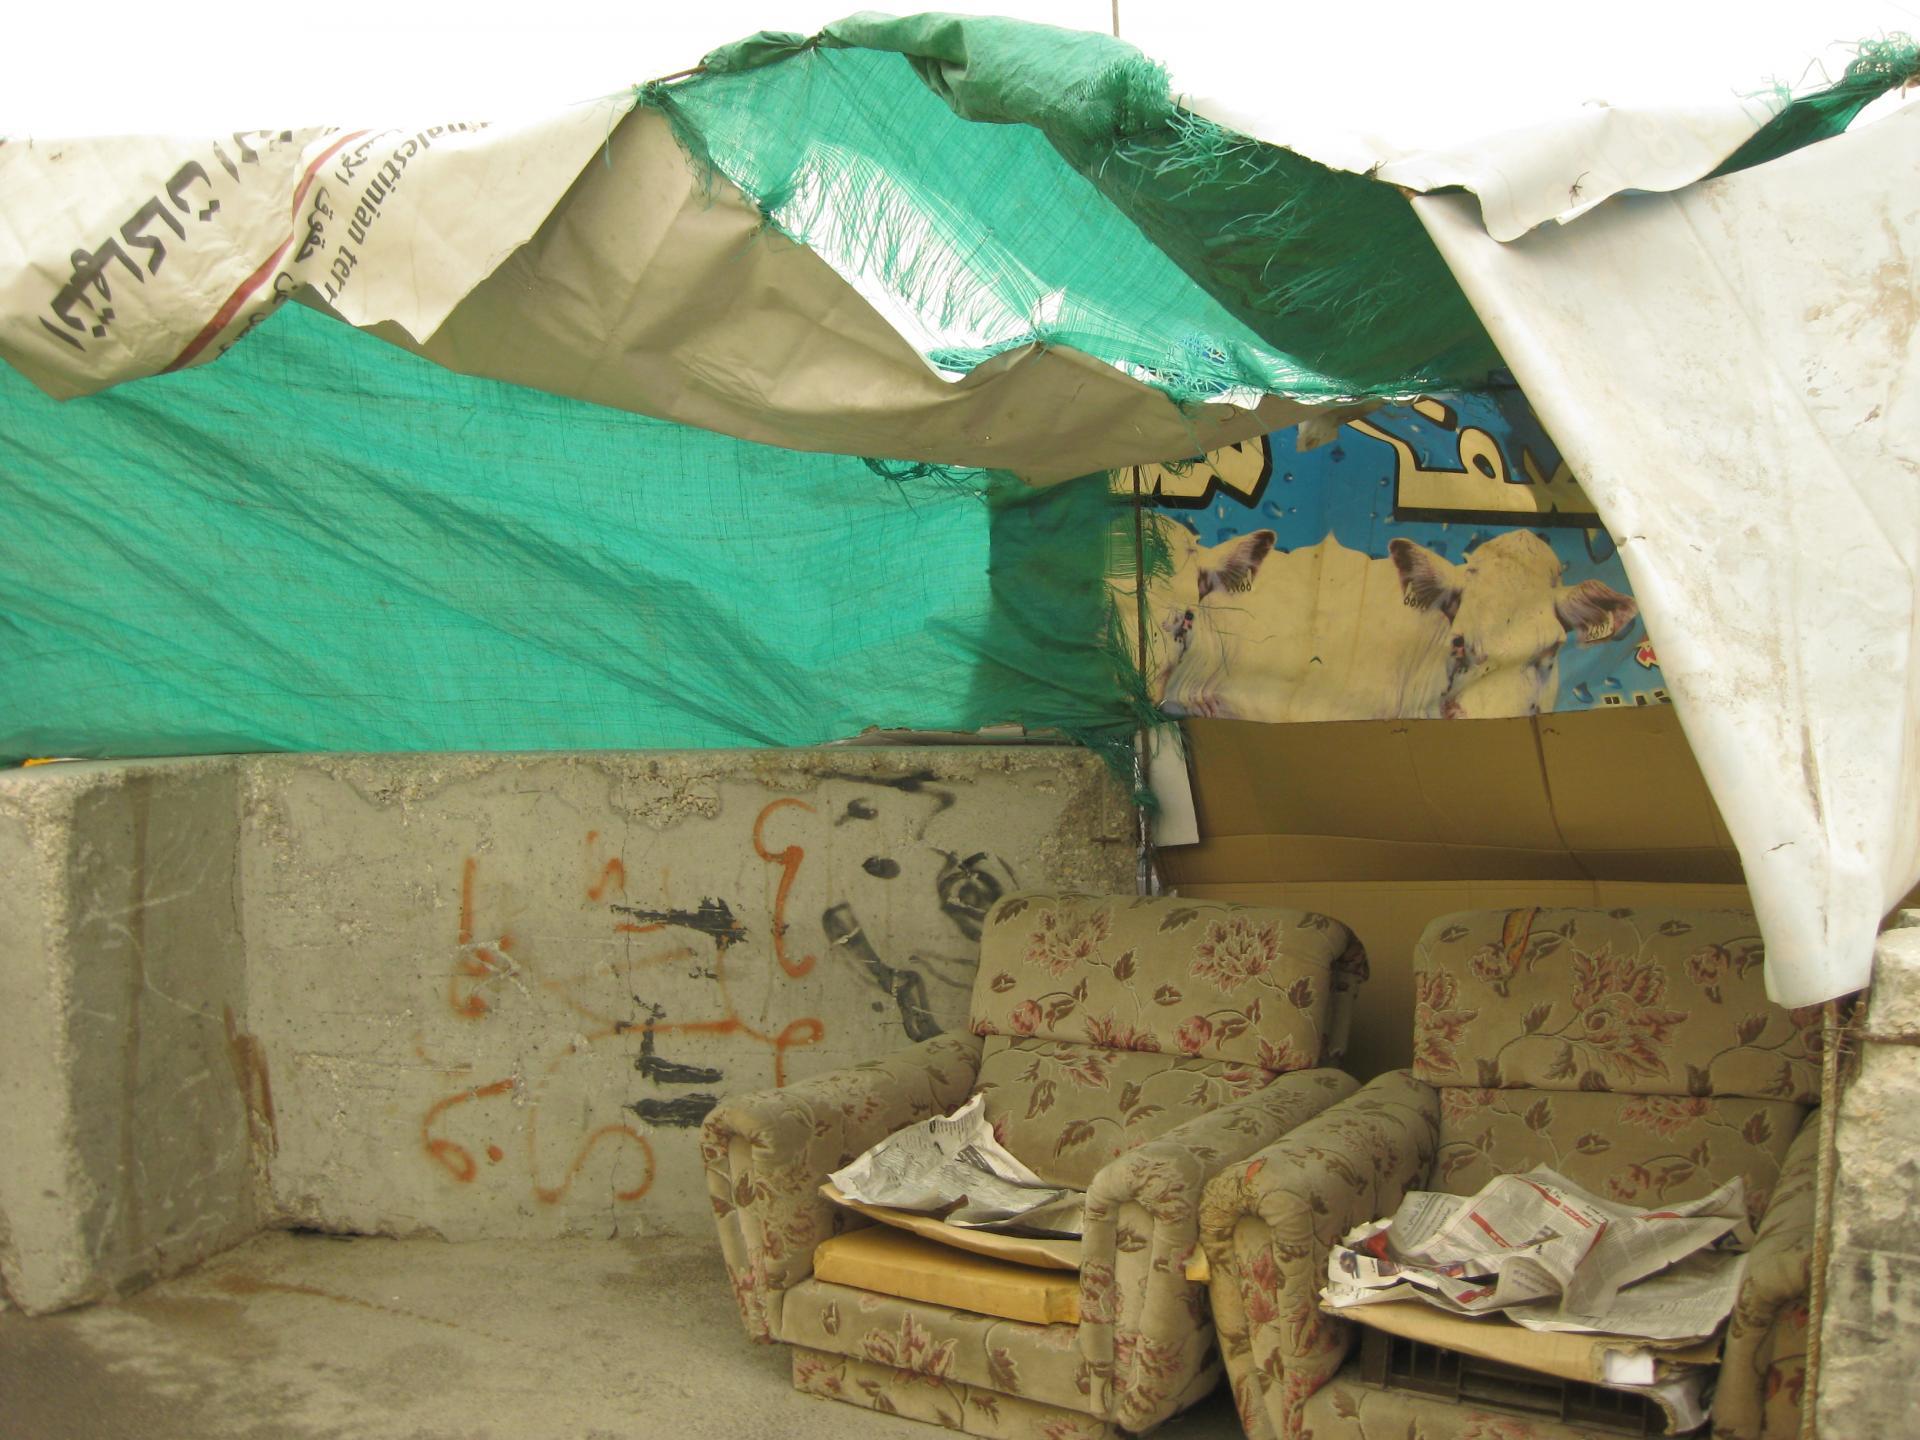 Qalandiya checkpoint 11.04.10